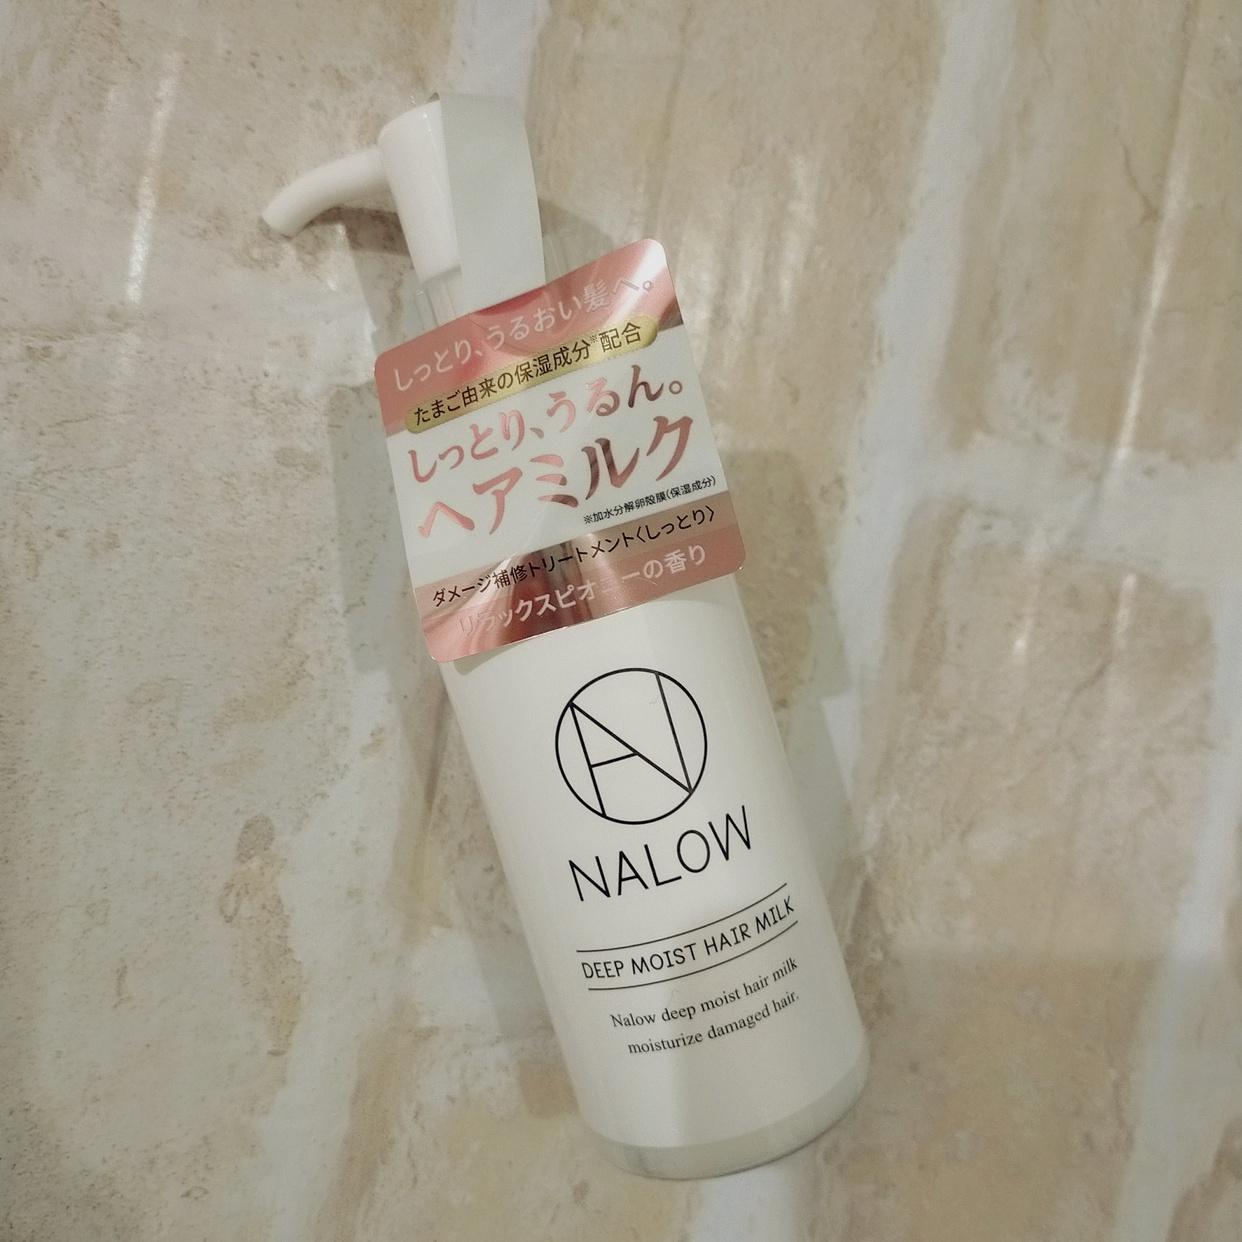 NALOW(ナロウ)ディープモイストヘアミルクを使ったみこさんのクチコミ画像1